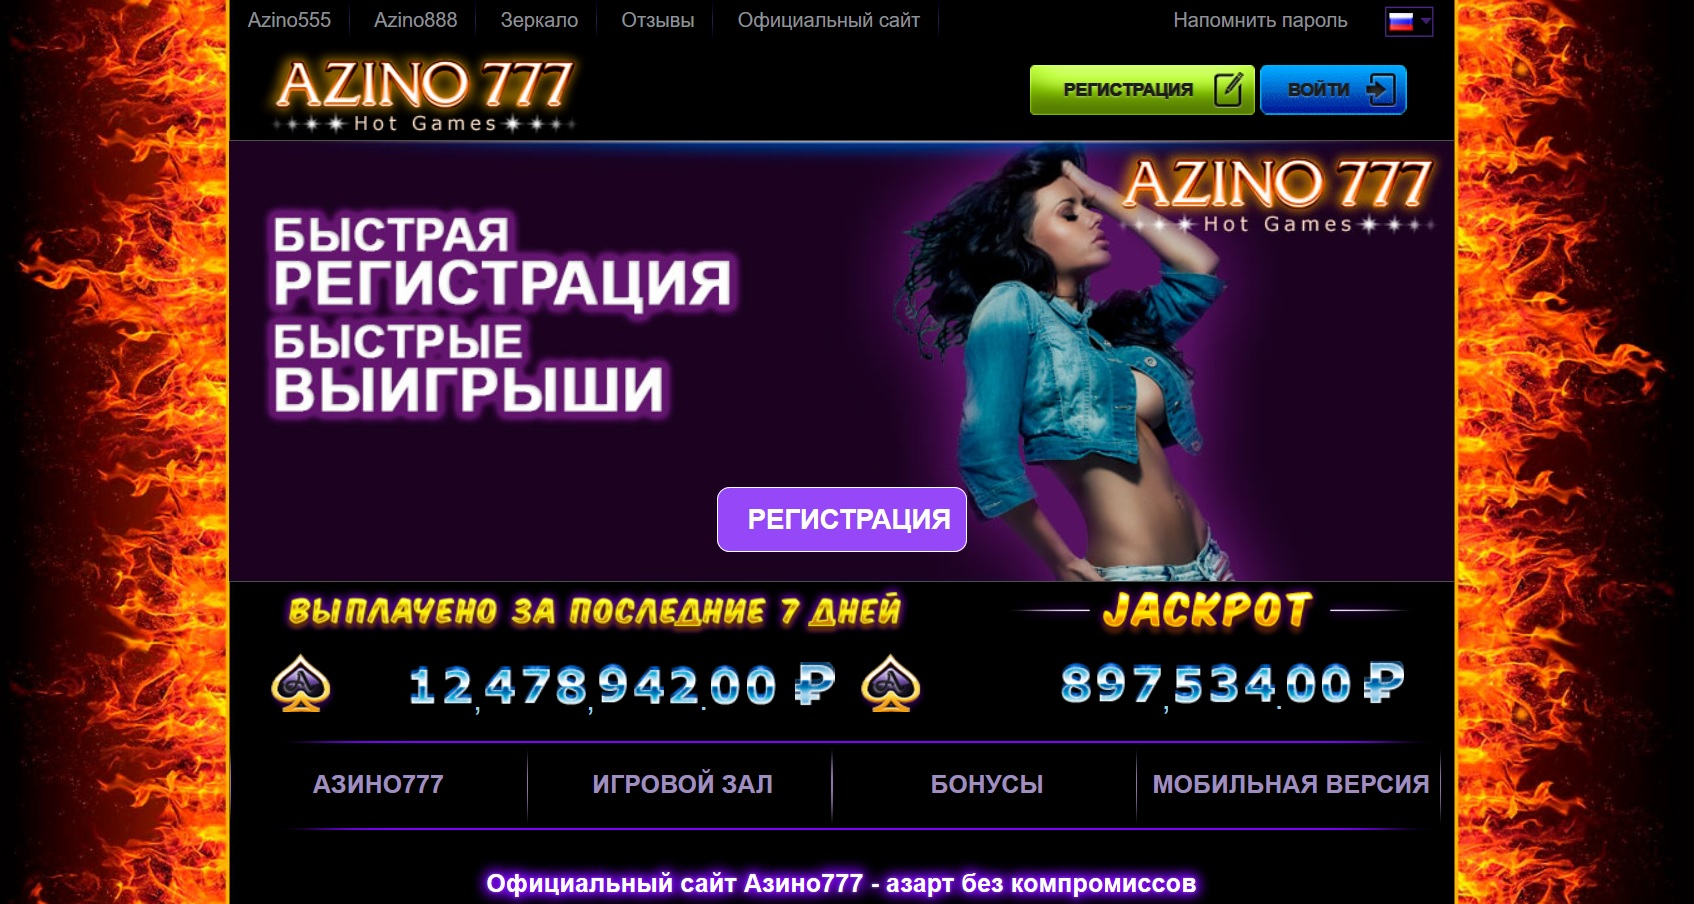 азино777 официальный сайт онлайн демо